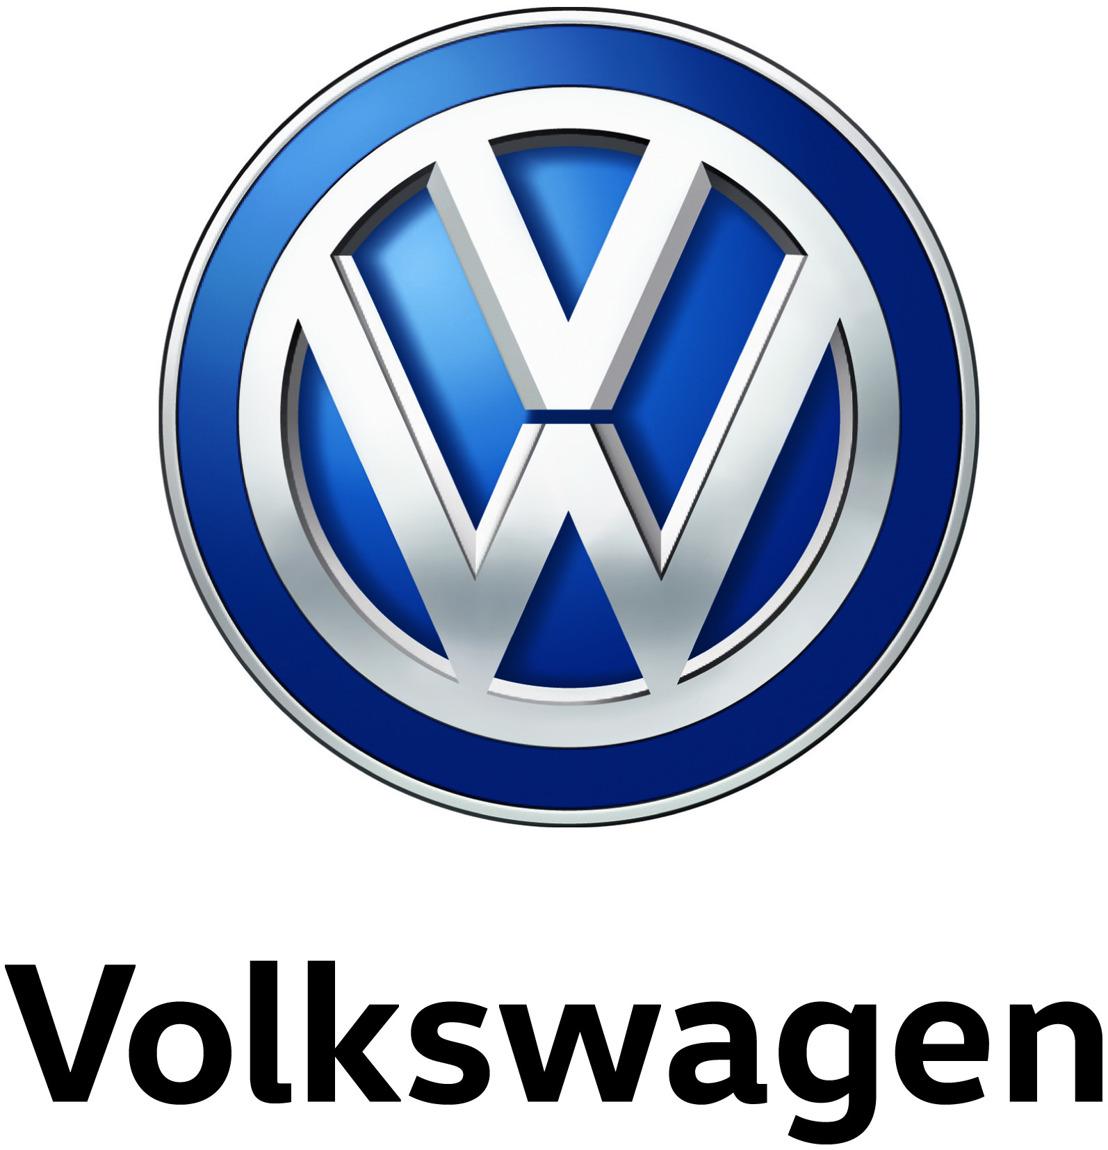 El Grupo Volkswagen aumenta sus ingresos por ventas y ganancias en el primer trimestre